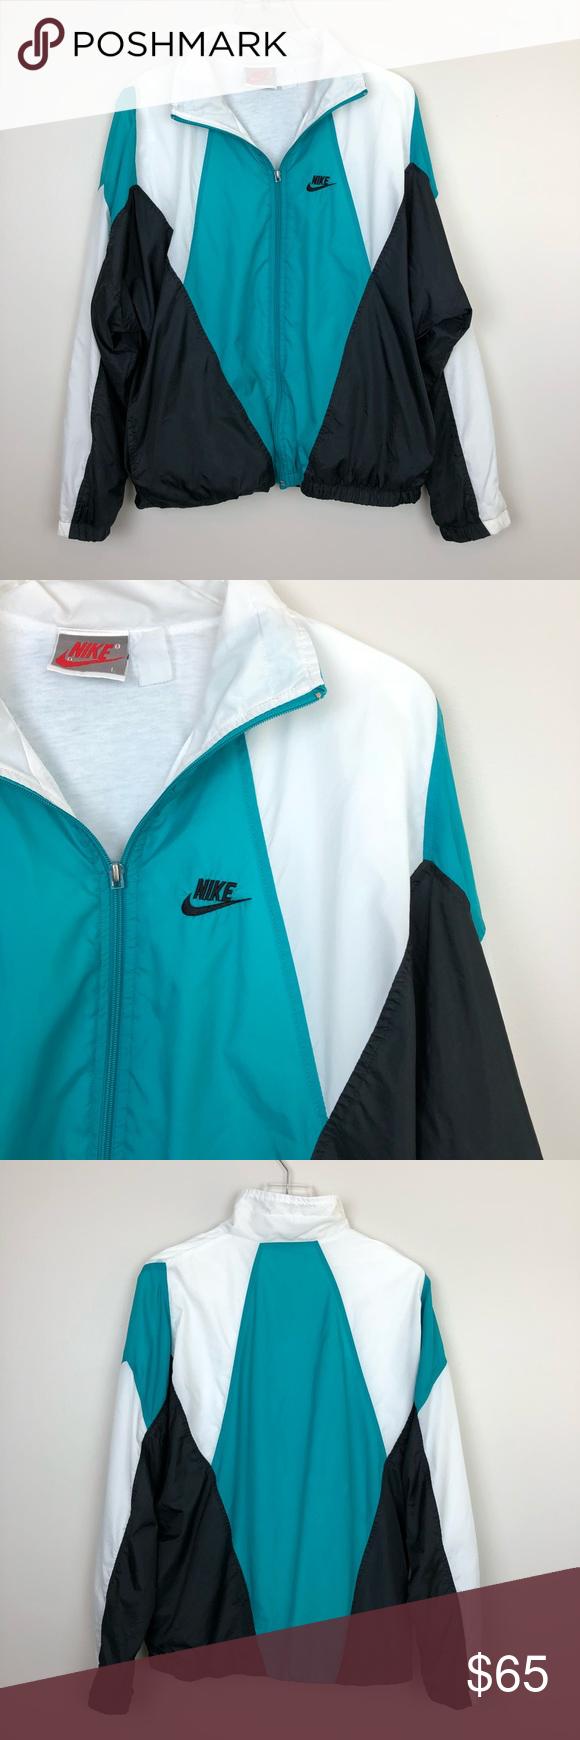 5d3967066d4e Nike